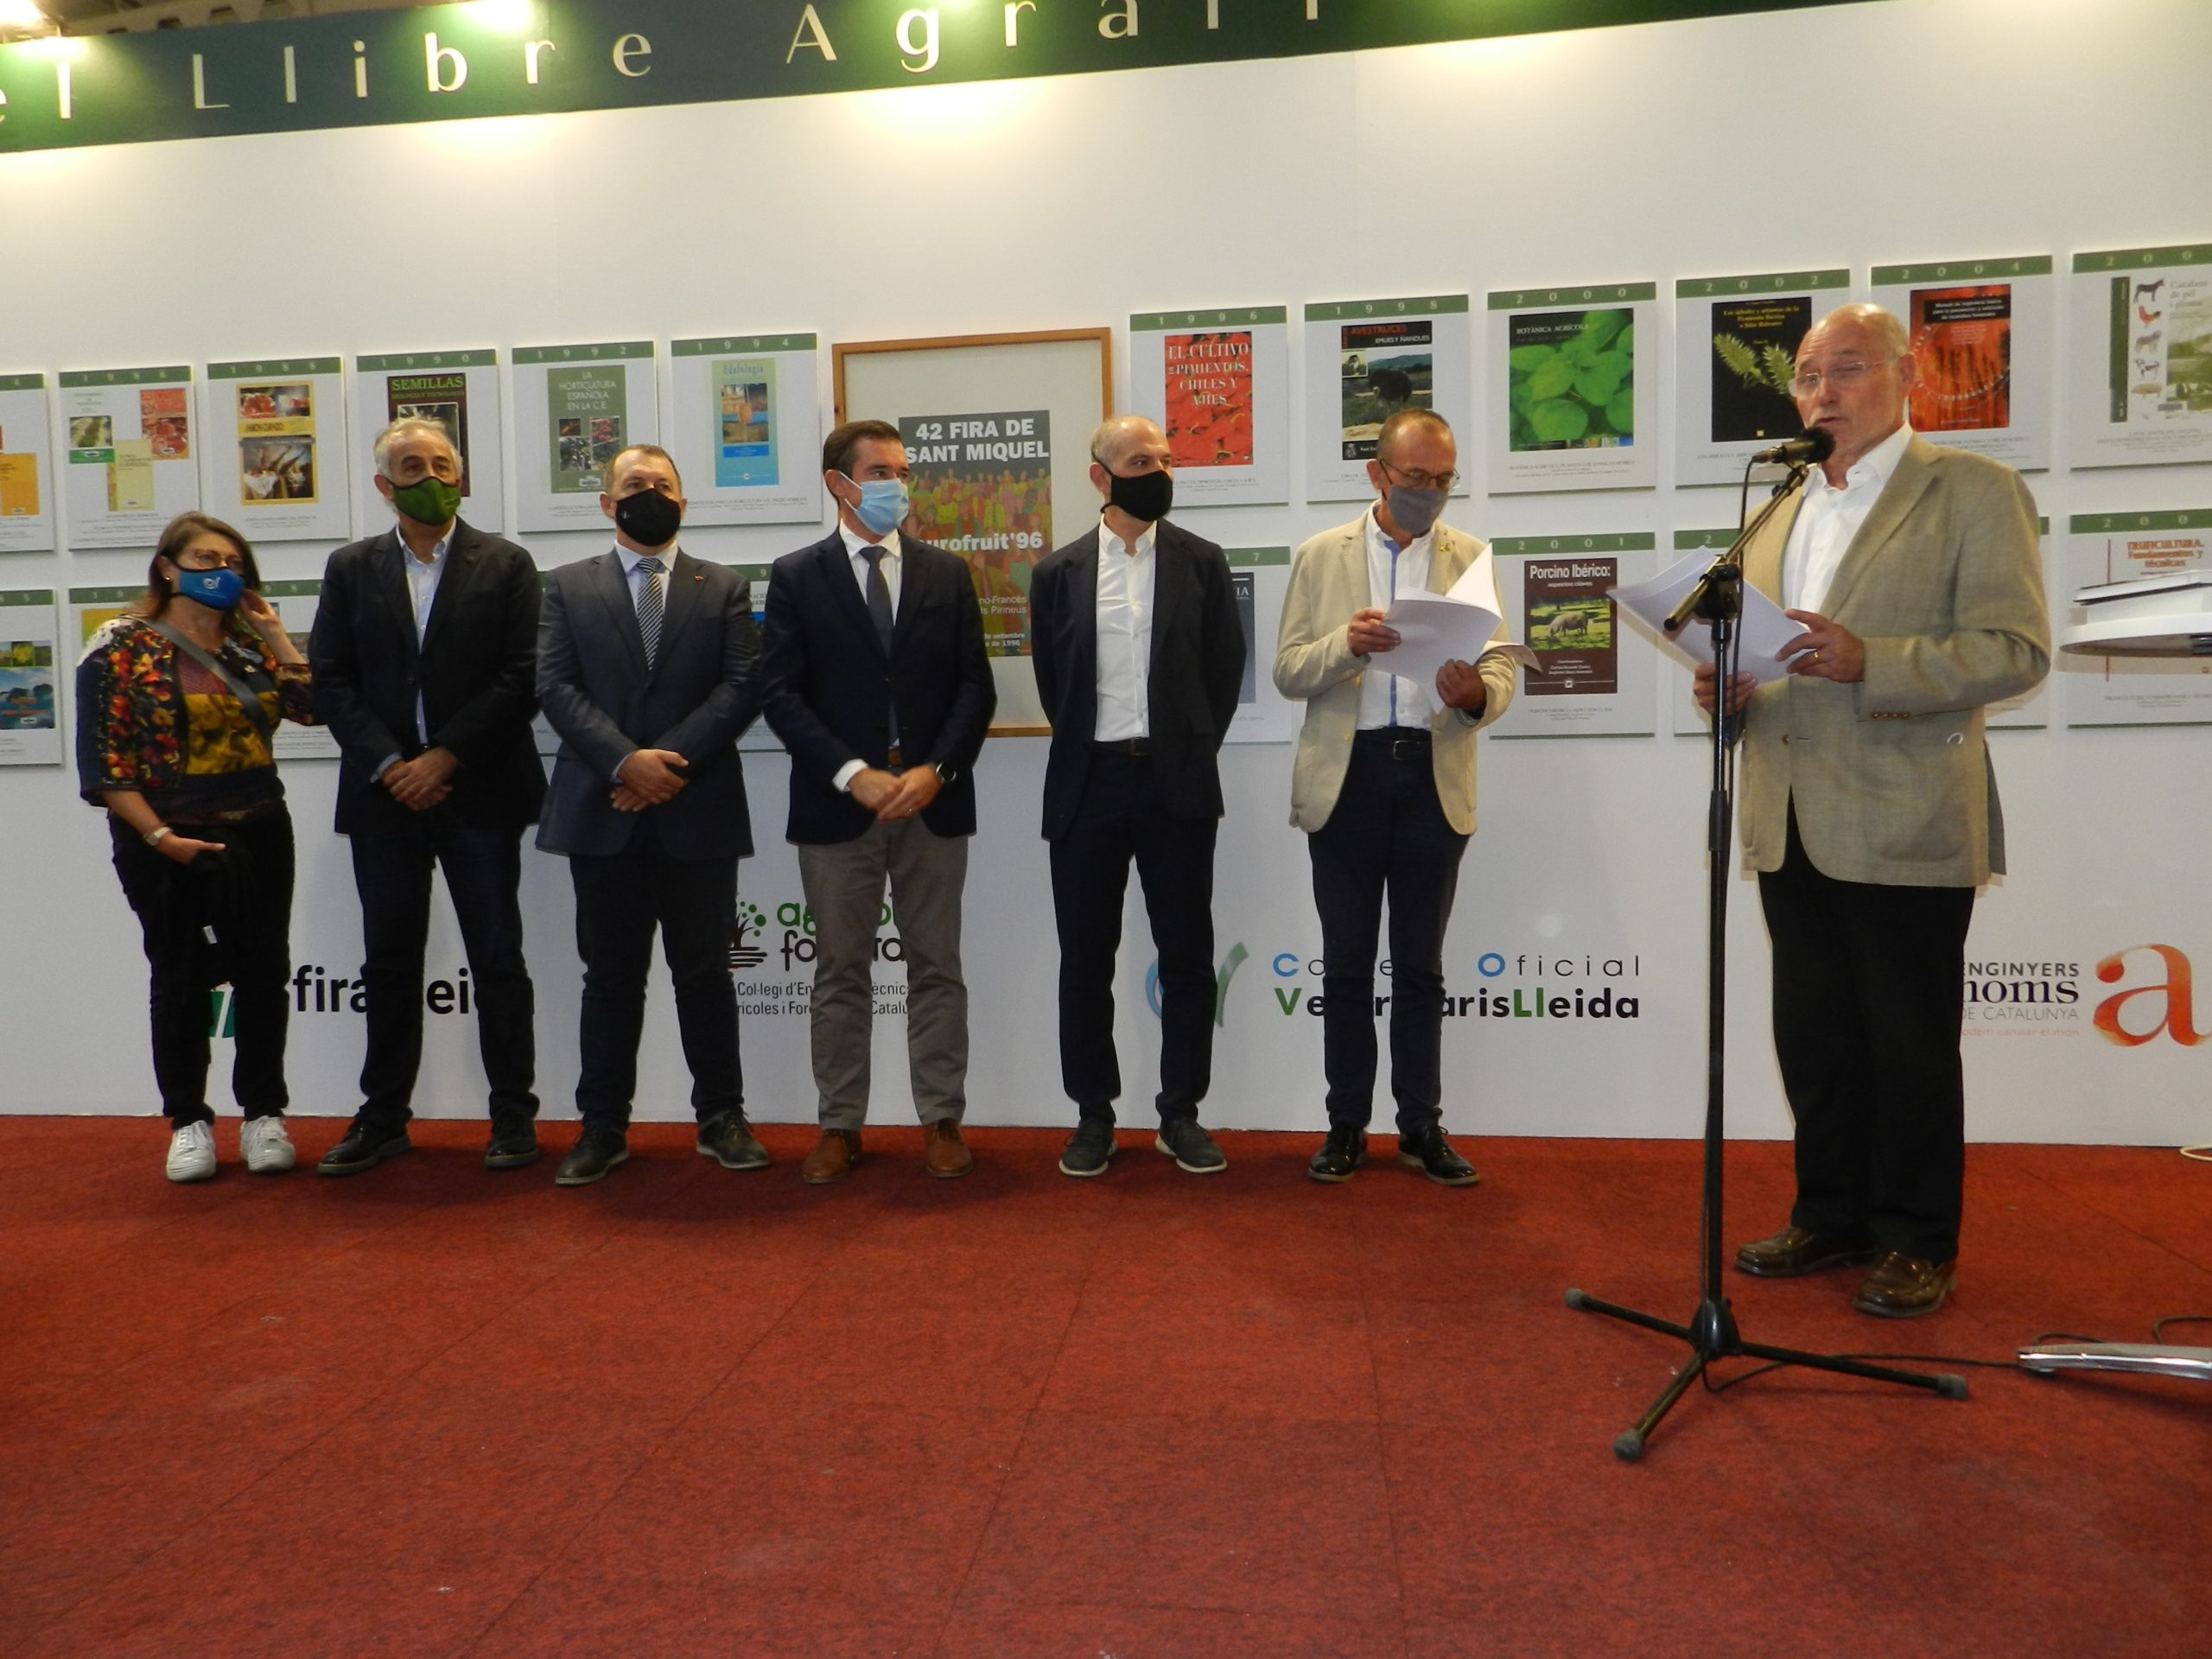 Els Enginyers Agrònoms presents a la presentació de l'exposició 50è aniversari del Premi del Llibre Agrari